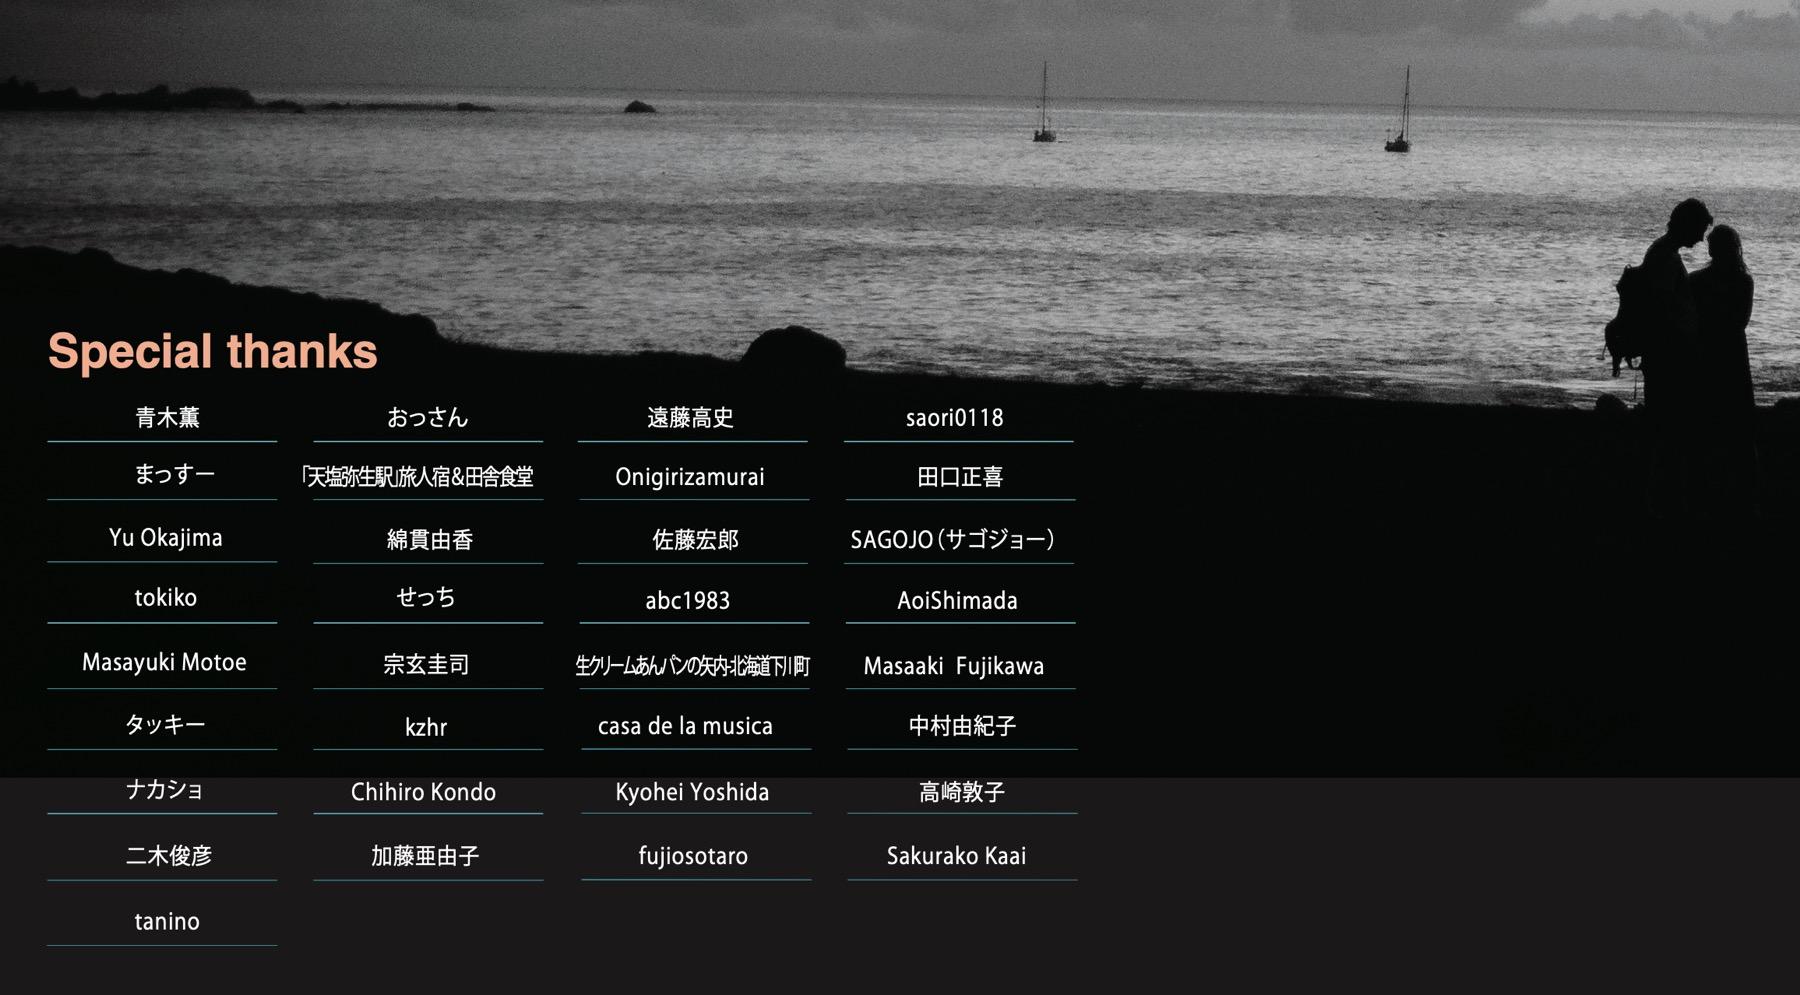 タビノコトバのクラウドファンディングのリターン・お名前掲載